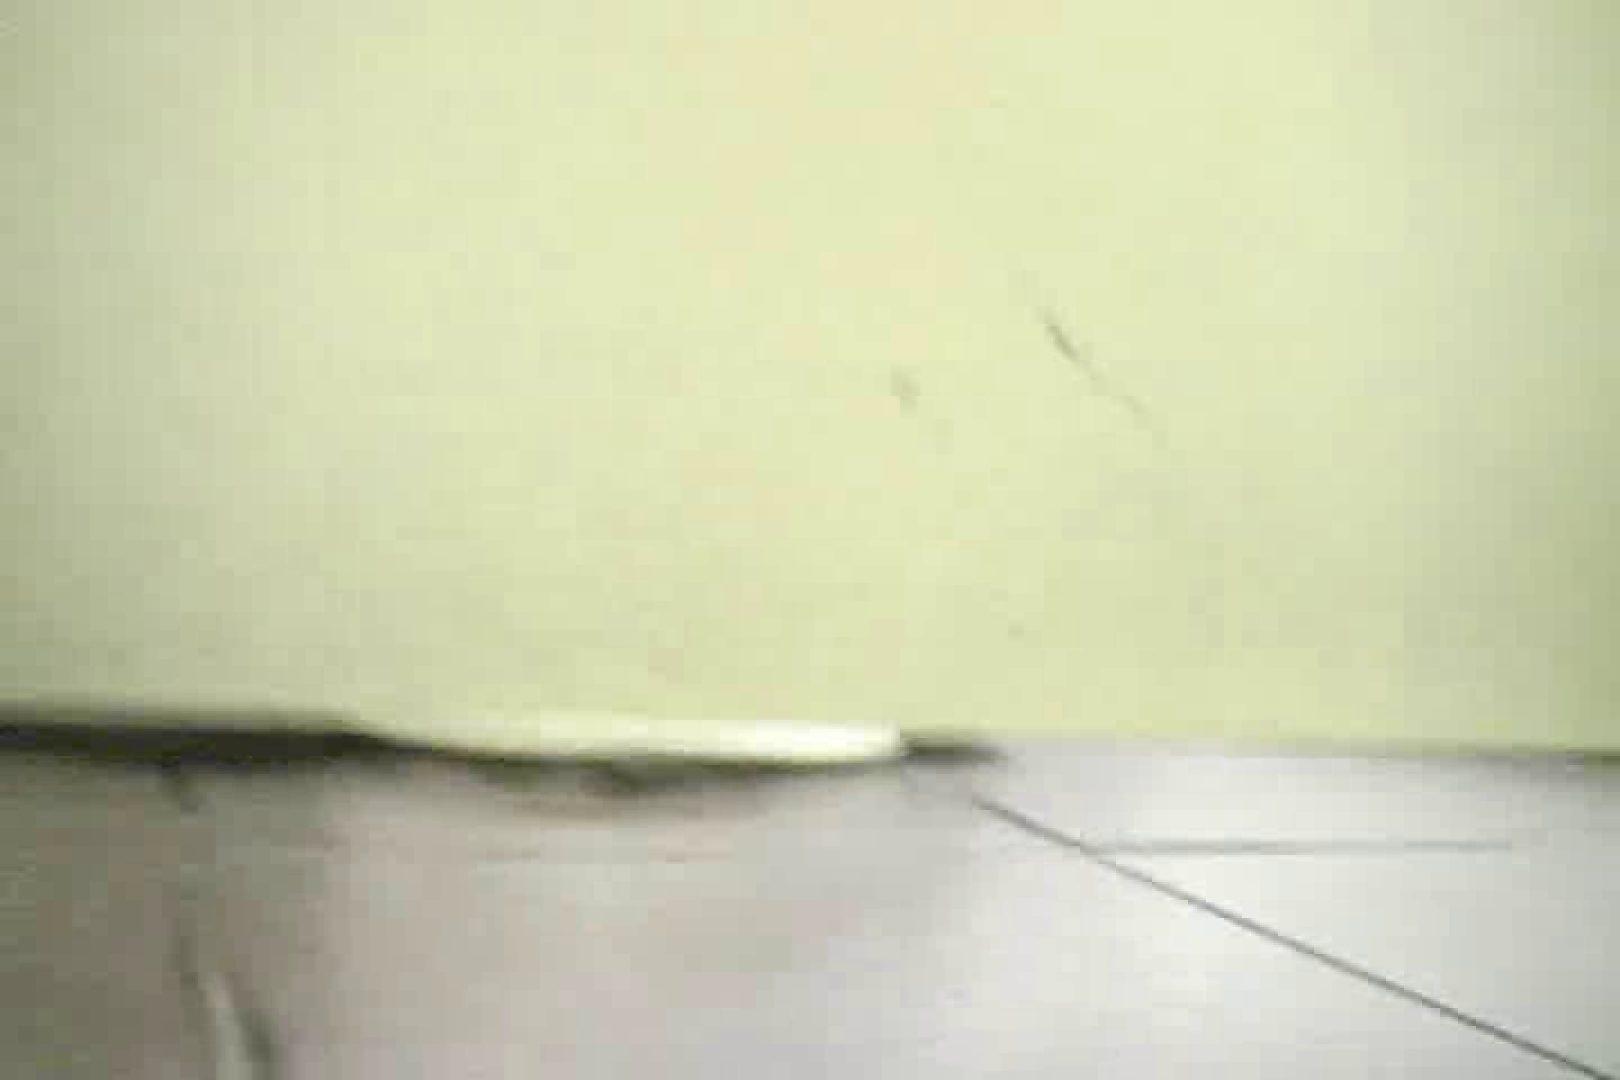 マンコ丸見え女子洗面所Vol.10 洗面所 | 丸見え  24連発 6